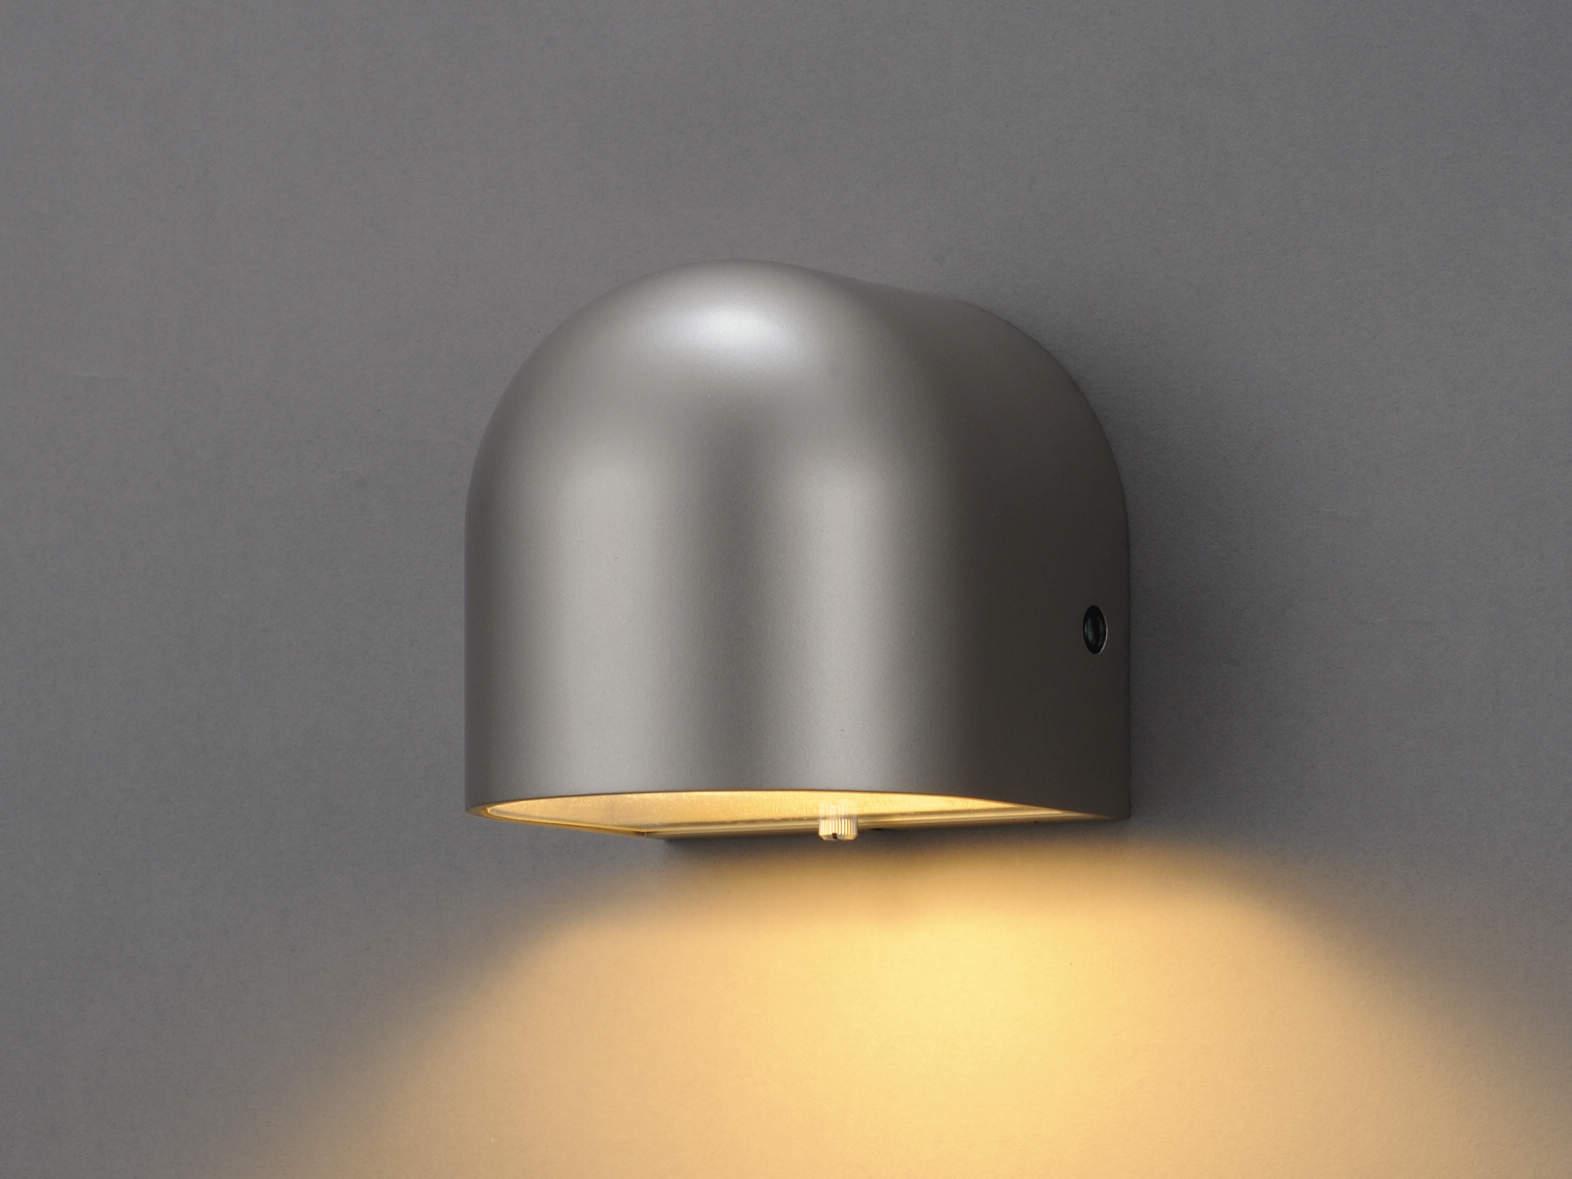 エクステリア 屋外 照明 ライト【三協アルミ】 照明器具 ポーチライト【 PD37型 シルバー アーバングレー ブラック 明るさセンサー付き】